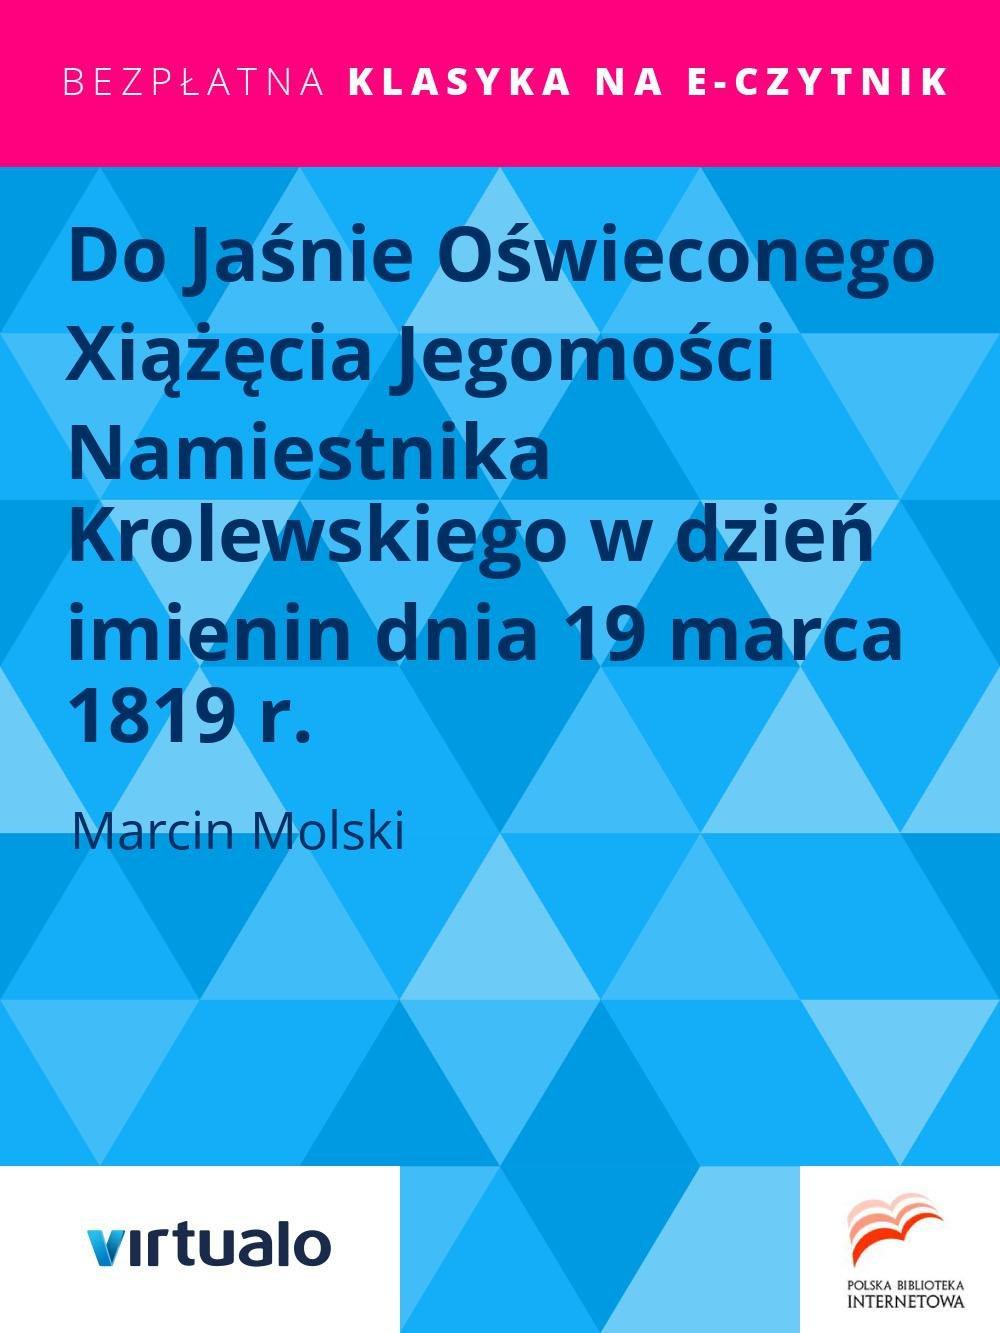 Do Jaśnie Oświeconego Xiążęcia Jegomości Namiestnika Krolewskiego w dzień imienin dnia 19 marca 1819 r. - Ebook (Książka EPUB) do pobrania w formacie EPUB